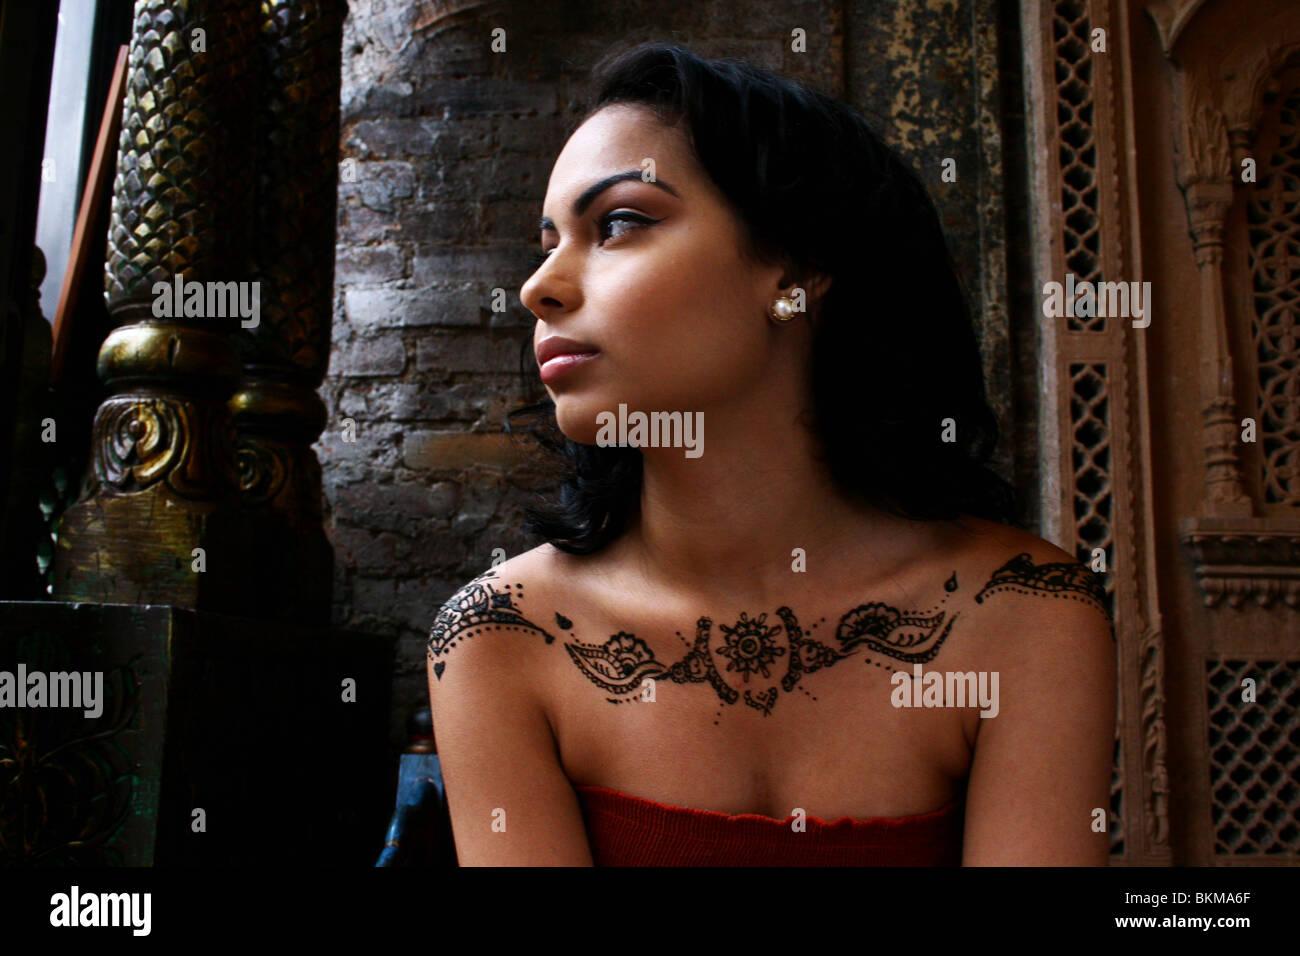 Retrato de mulher pintados com henna design moderno nos seus ombros. Imagens de Stock